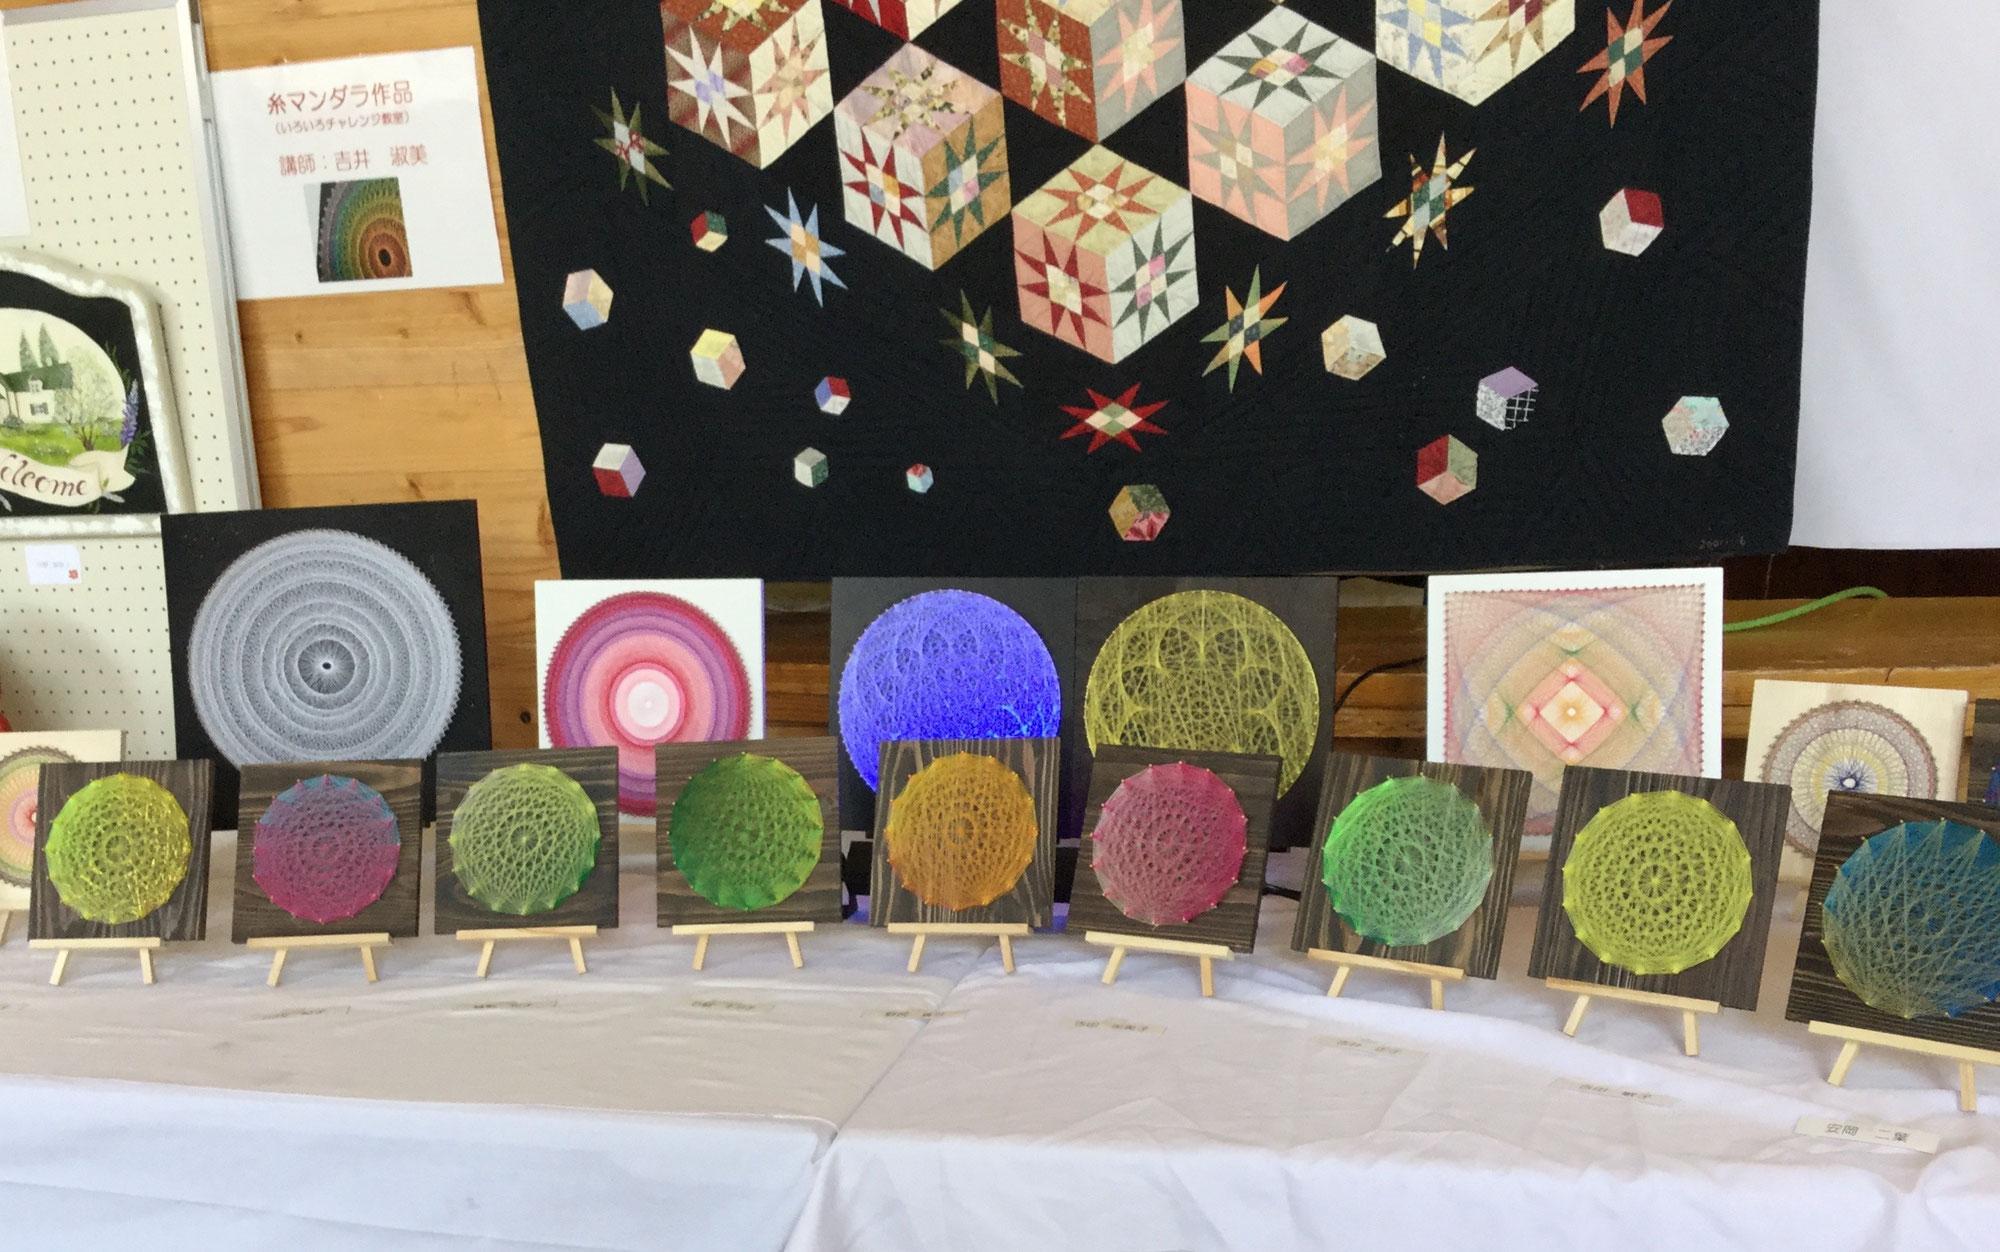 糸かけ曼荼羅の作品展